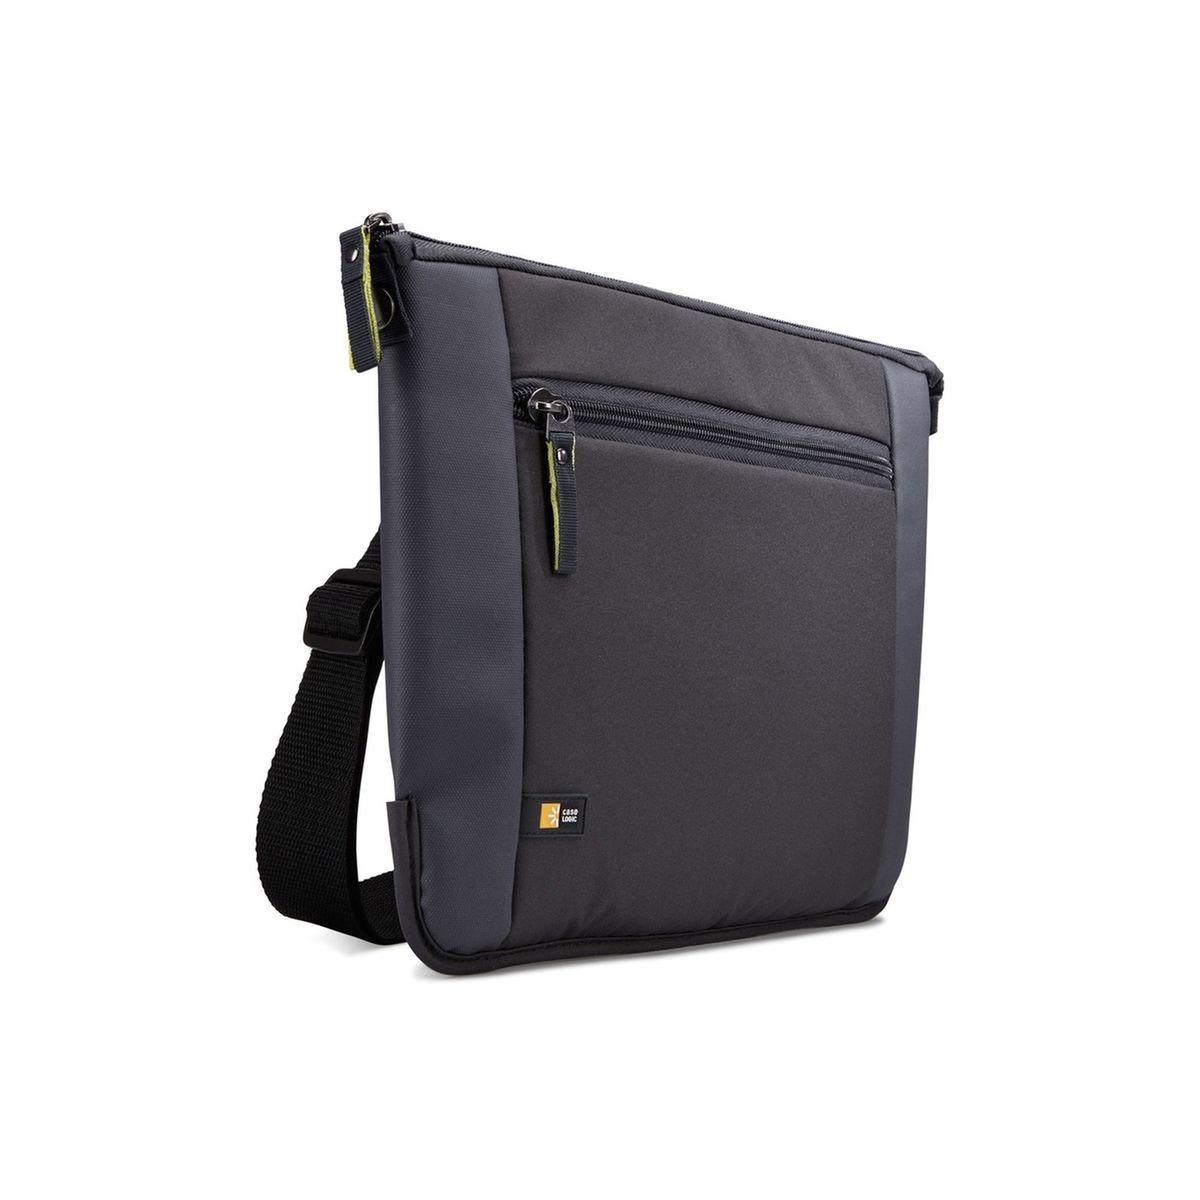 Sacoche pour ordinateur portable Sacoche Intrata grise pour ordinateurs portables 11,6''